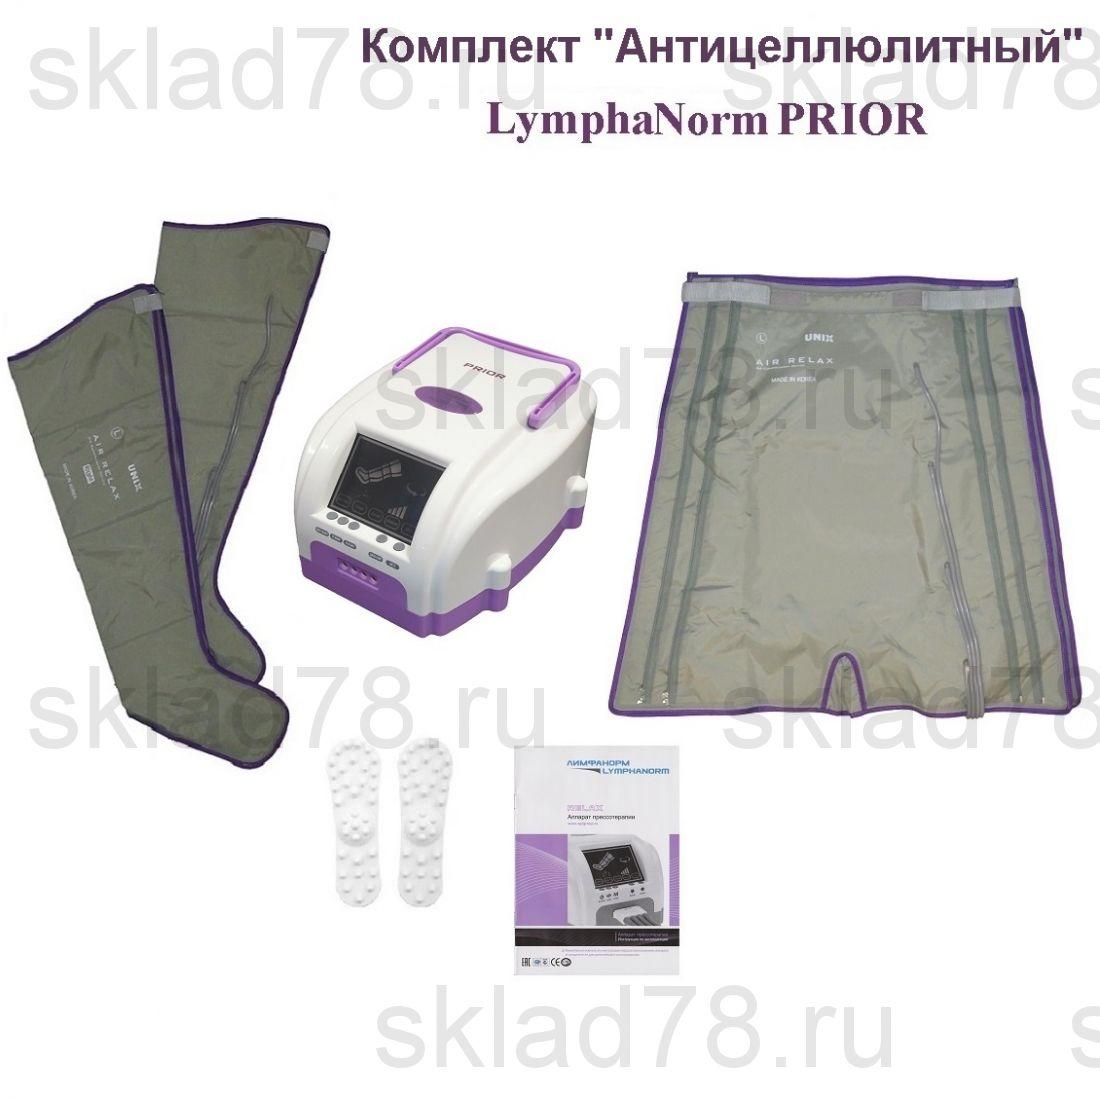 """LymphaNorm PRIOR Прессотерапия """"Антицеллюлитный"""""""